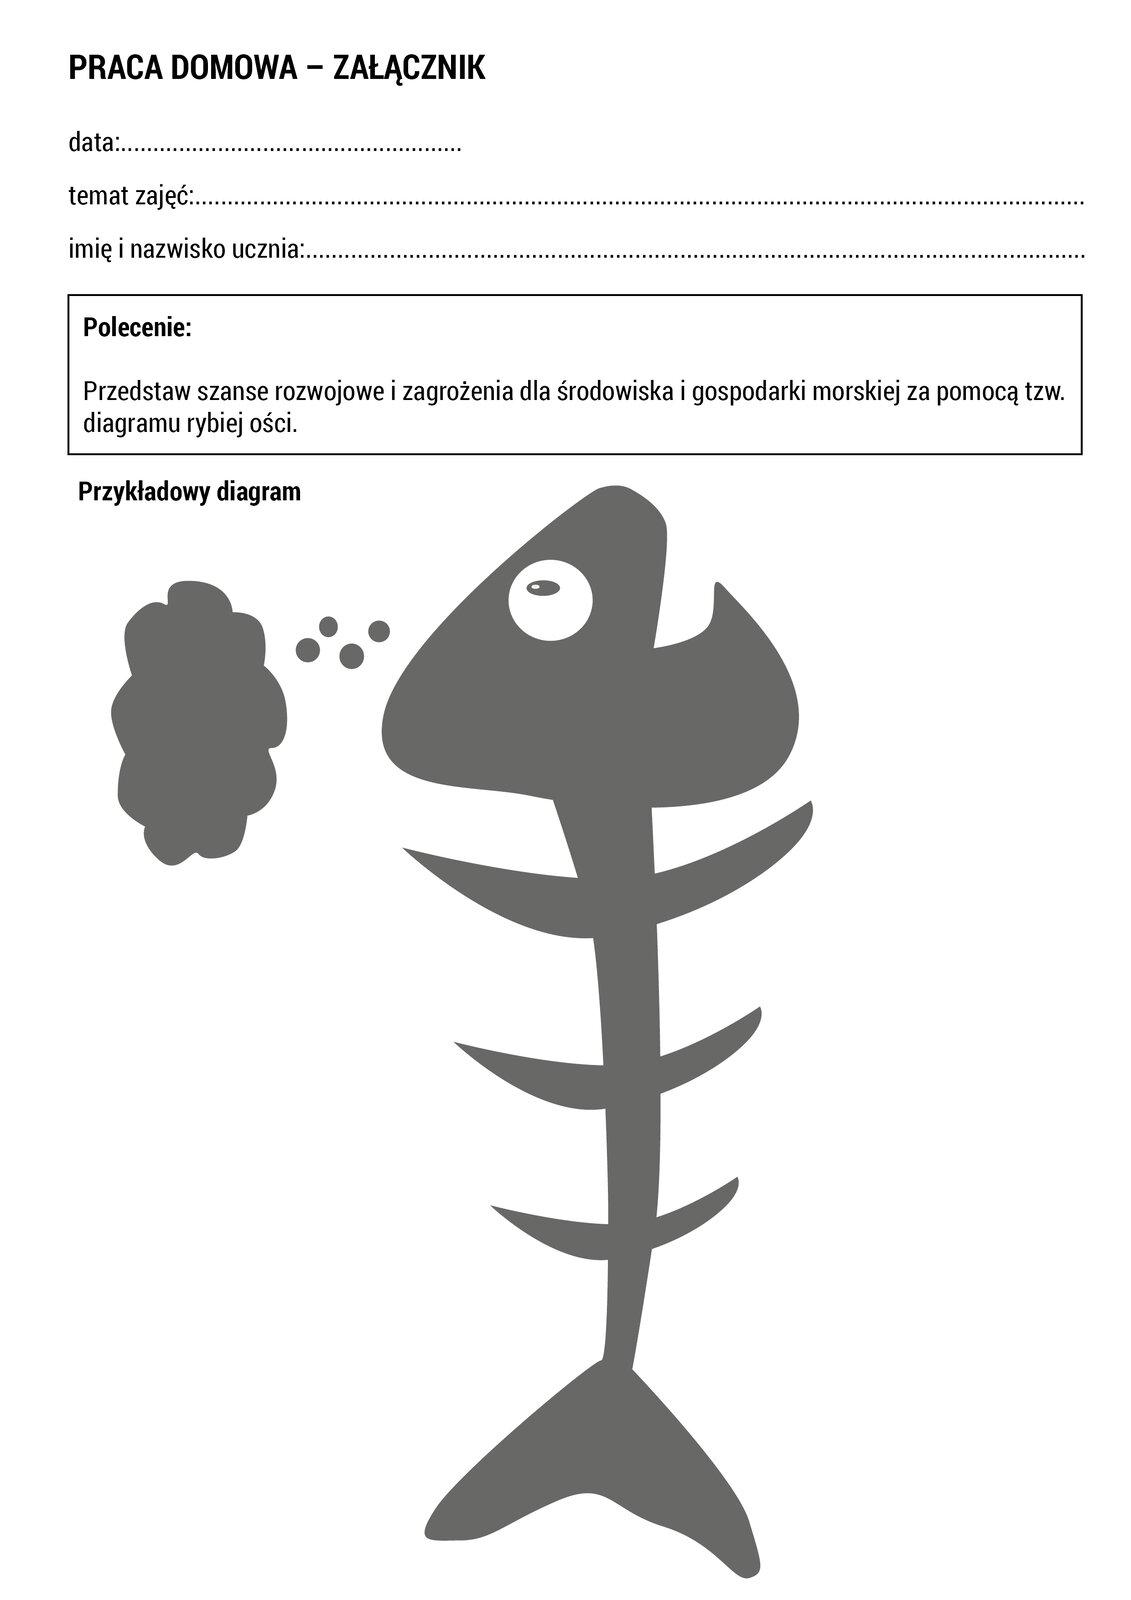 """Wramce zamieszczono treść pracy domowej. Treść pracy domowej jest następująca: """"Przedstaw szanse rozwojowe izagrożenia dla środowiska igospodarki morskiej. Możesz przedstawić za pomocą tzw. diagramu rybiej ości."""" Arkusz zawiera przykładowy diagram przedstawiający rybi szkielet. Na wysokości głowy ryby znajduje się chmurka, sugerująca rozważania."""